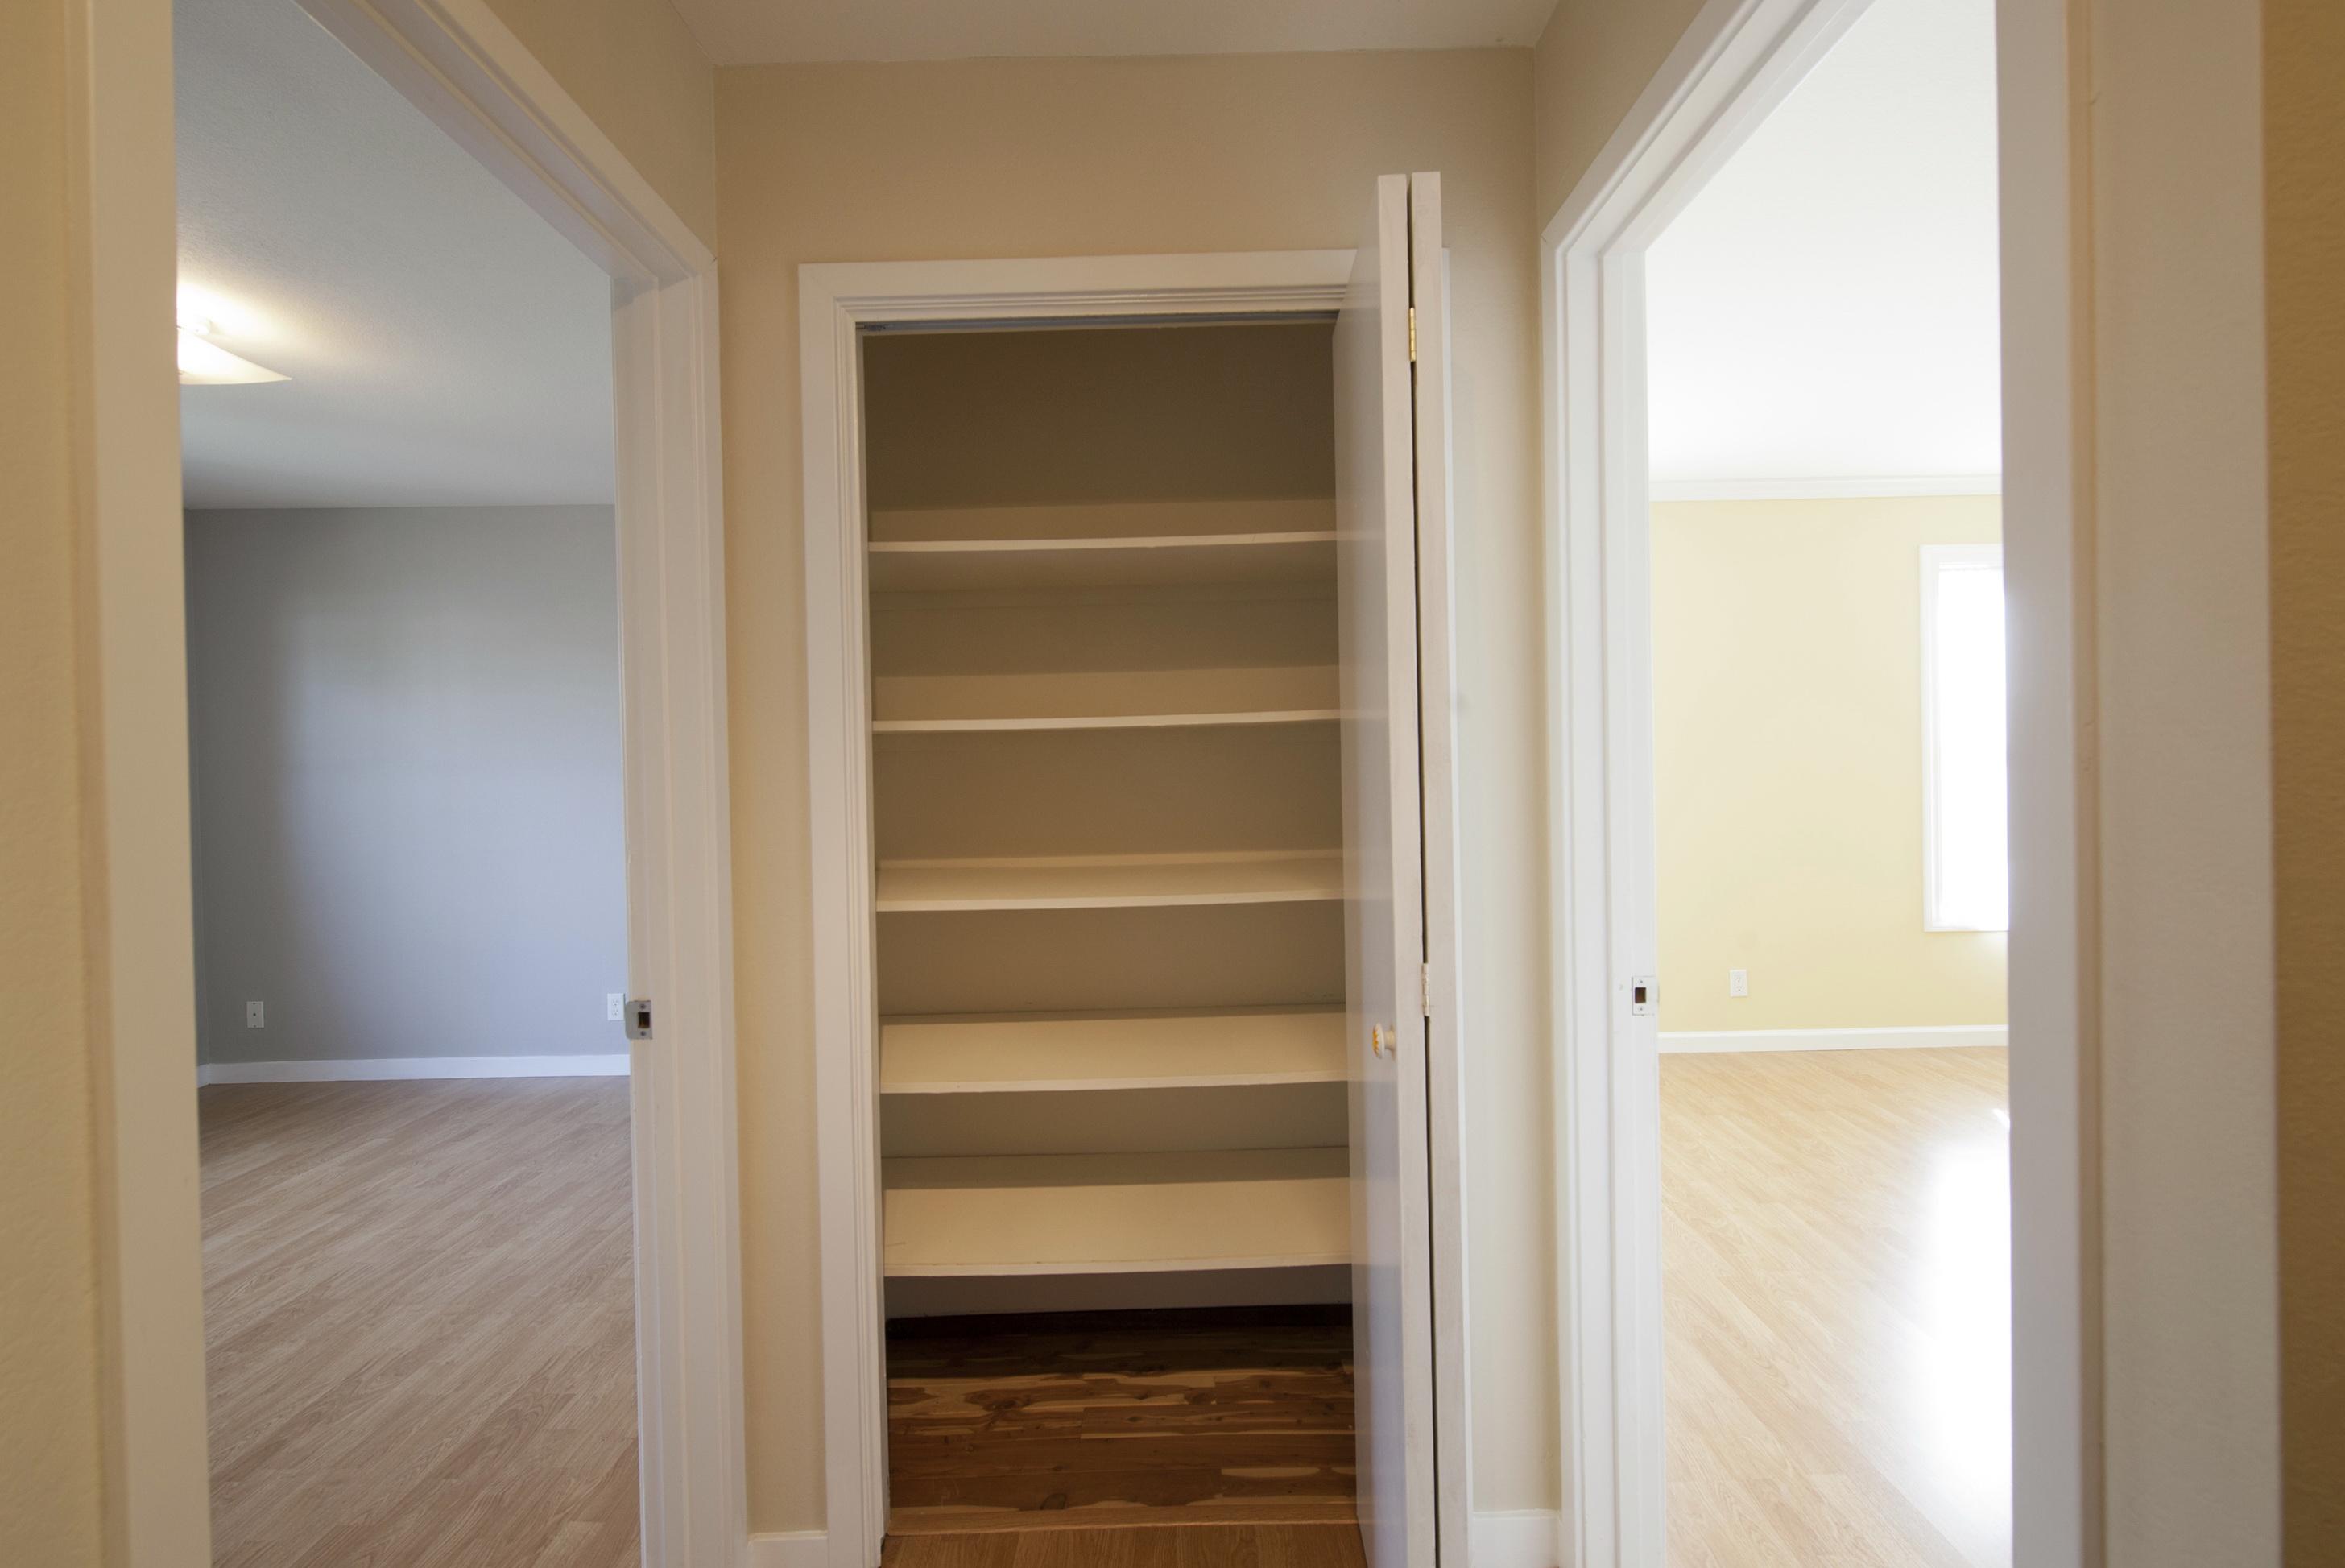 The Linen Closet Creepypasta